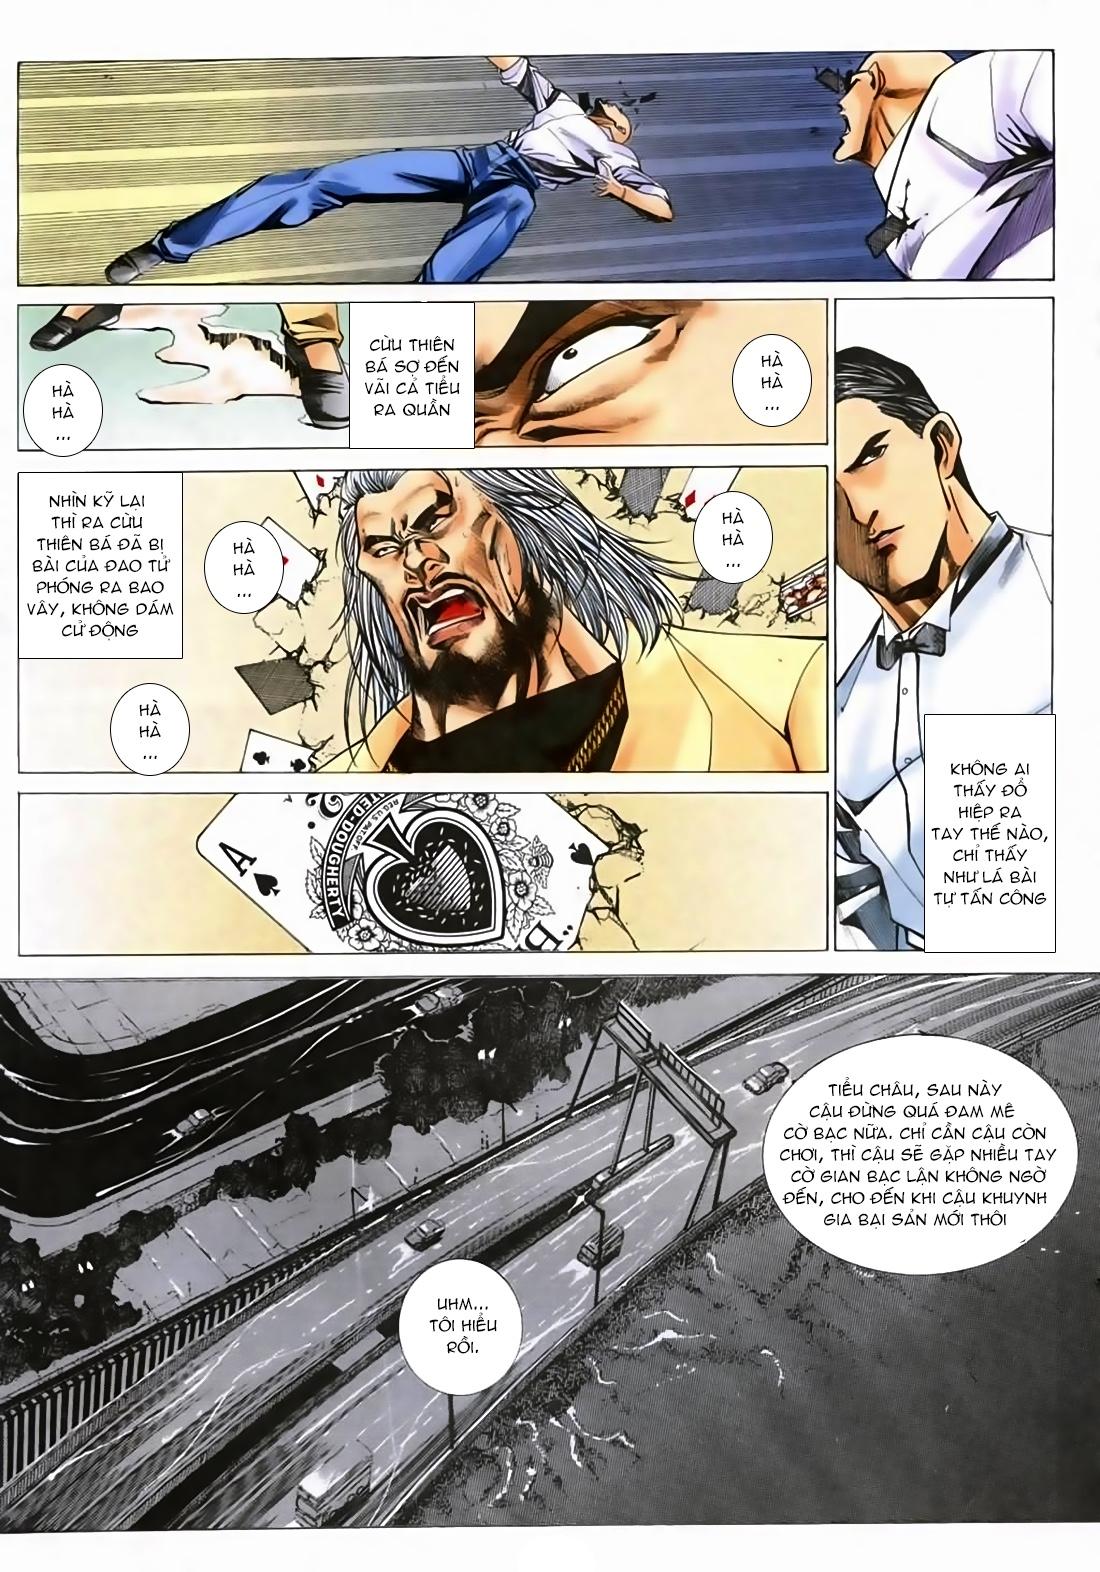 Đổ Hiệp Truyền Kỳ chap 1 - Trang 16